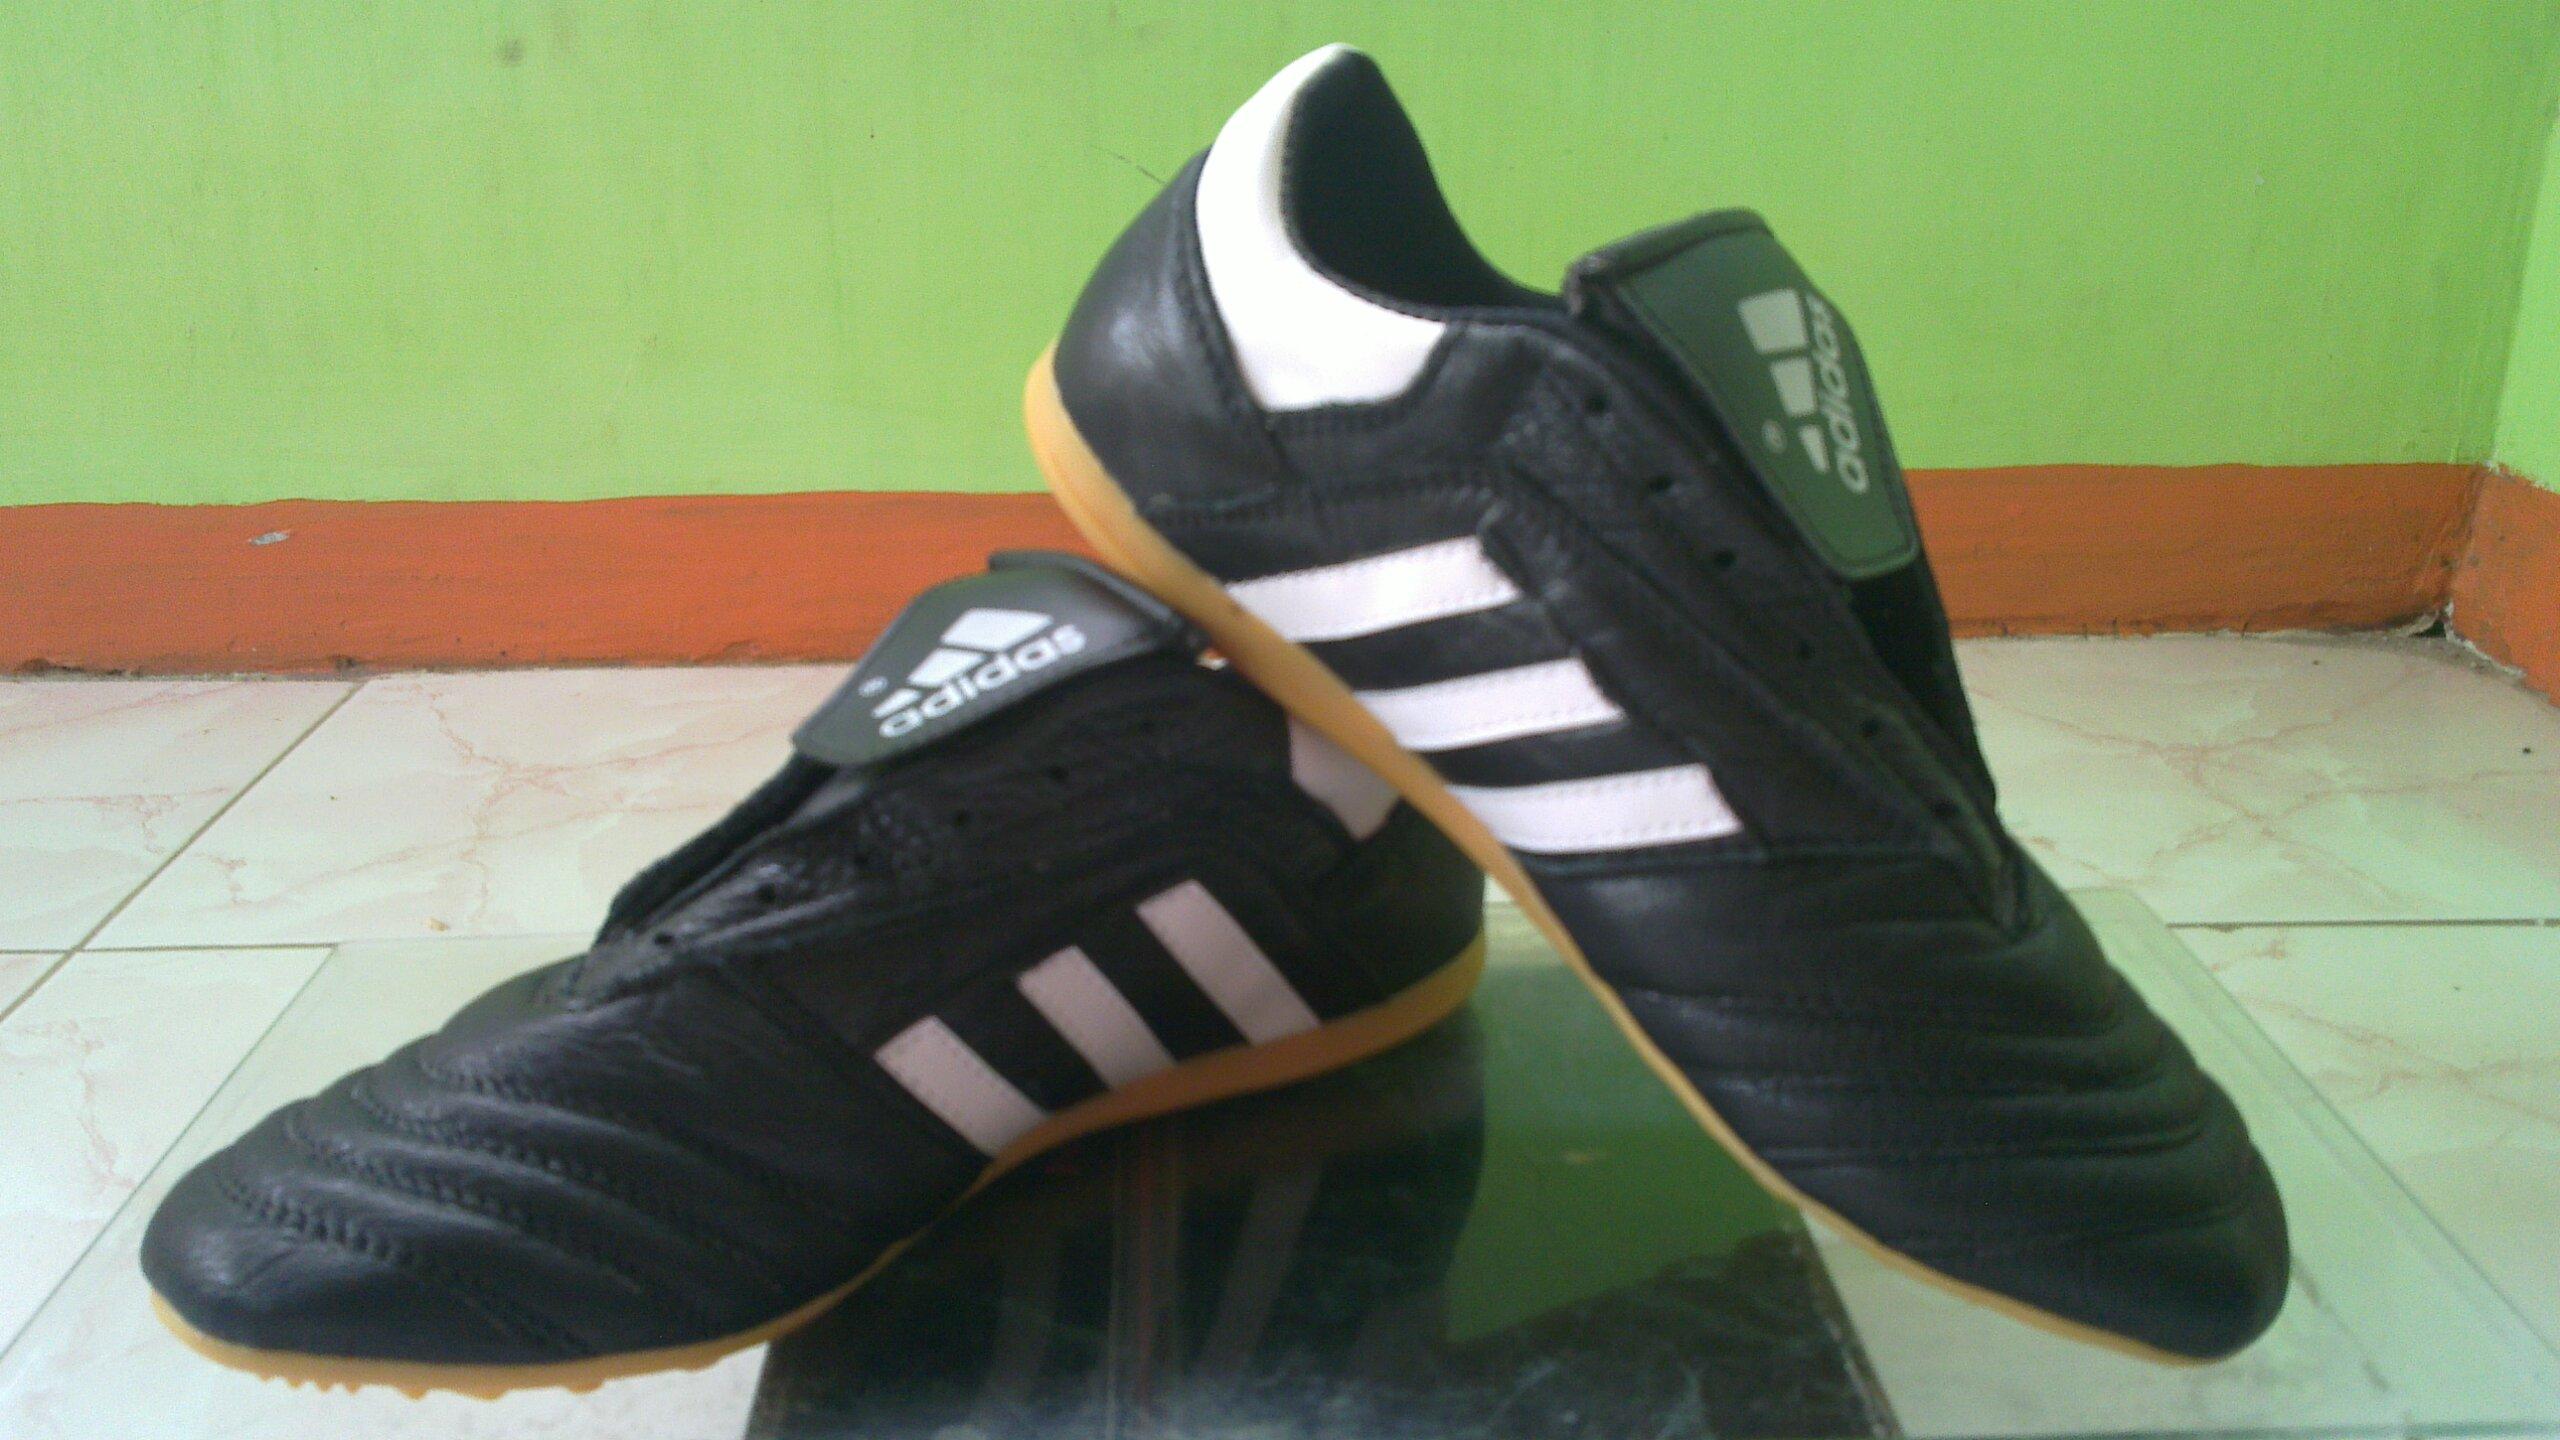 Jual Sepatu Futsal Murah Original Terbaru Toko line